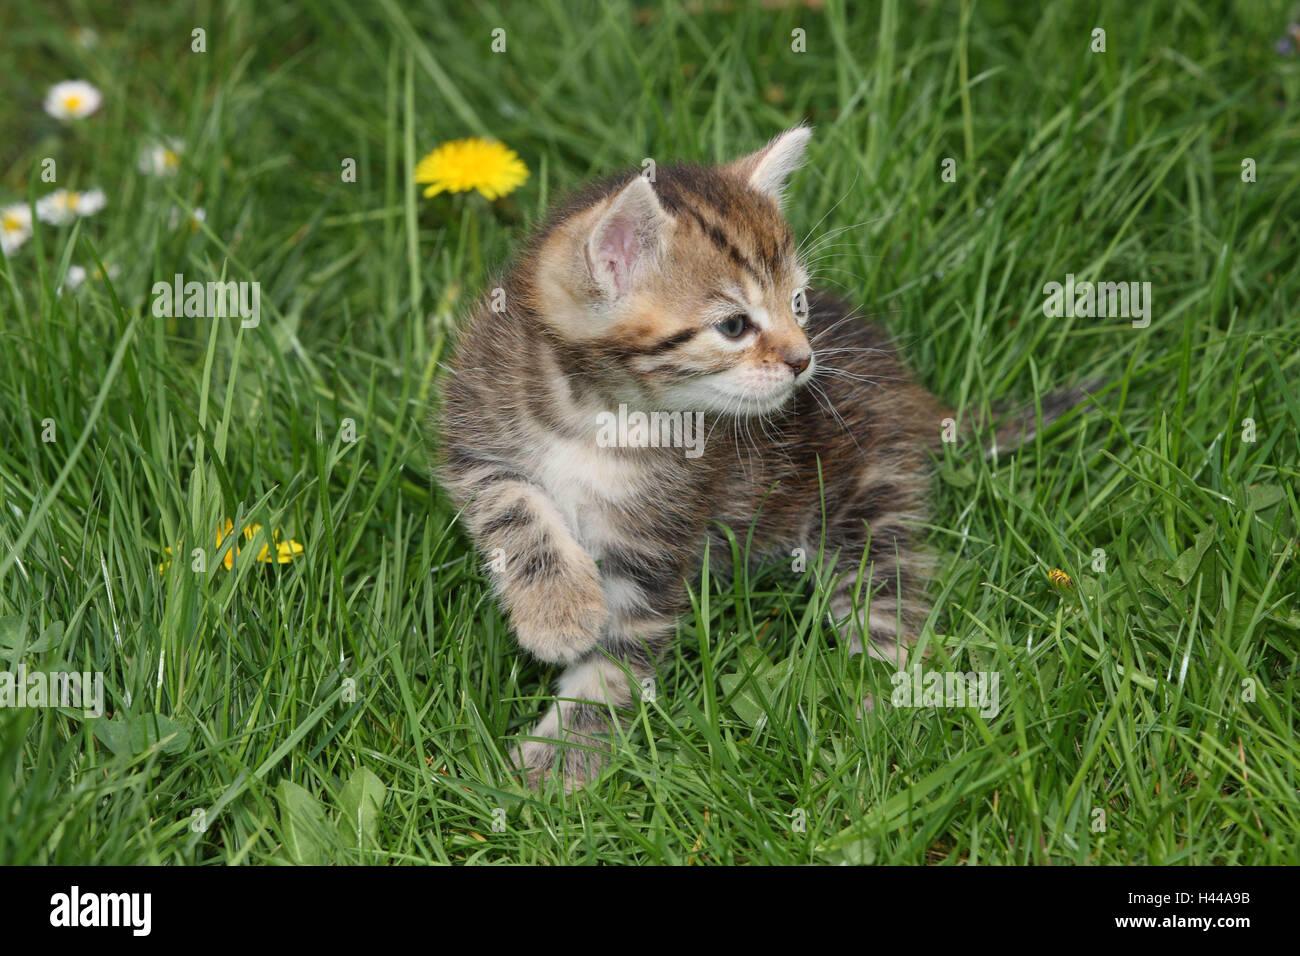 Gatto, giovani, esegui, prato, giardino, animali mammiferi, animali domestici, gatti piccoli, Felidae, addomestica, Immagini Stock